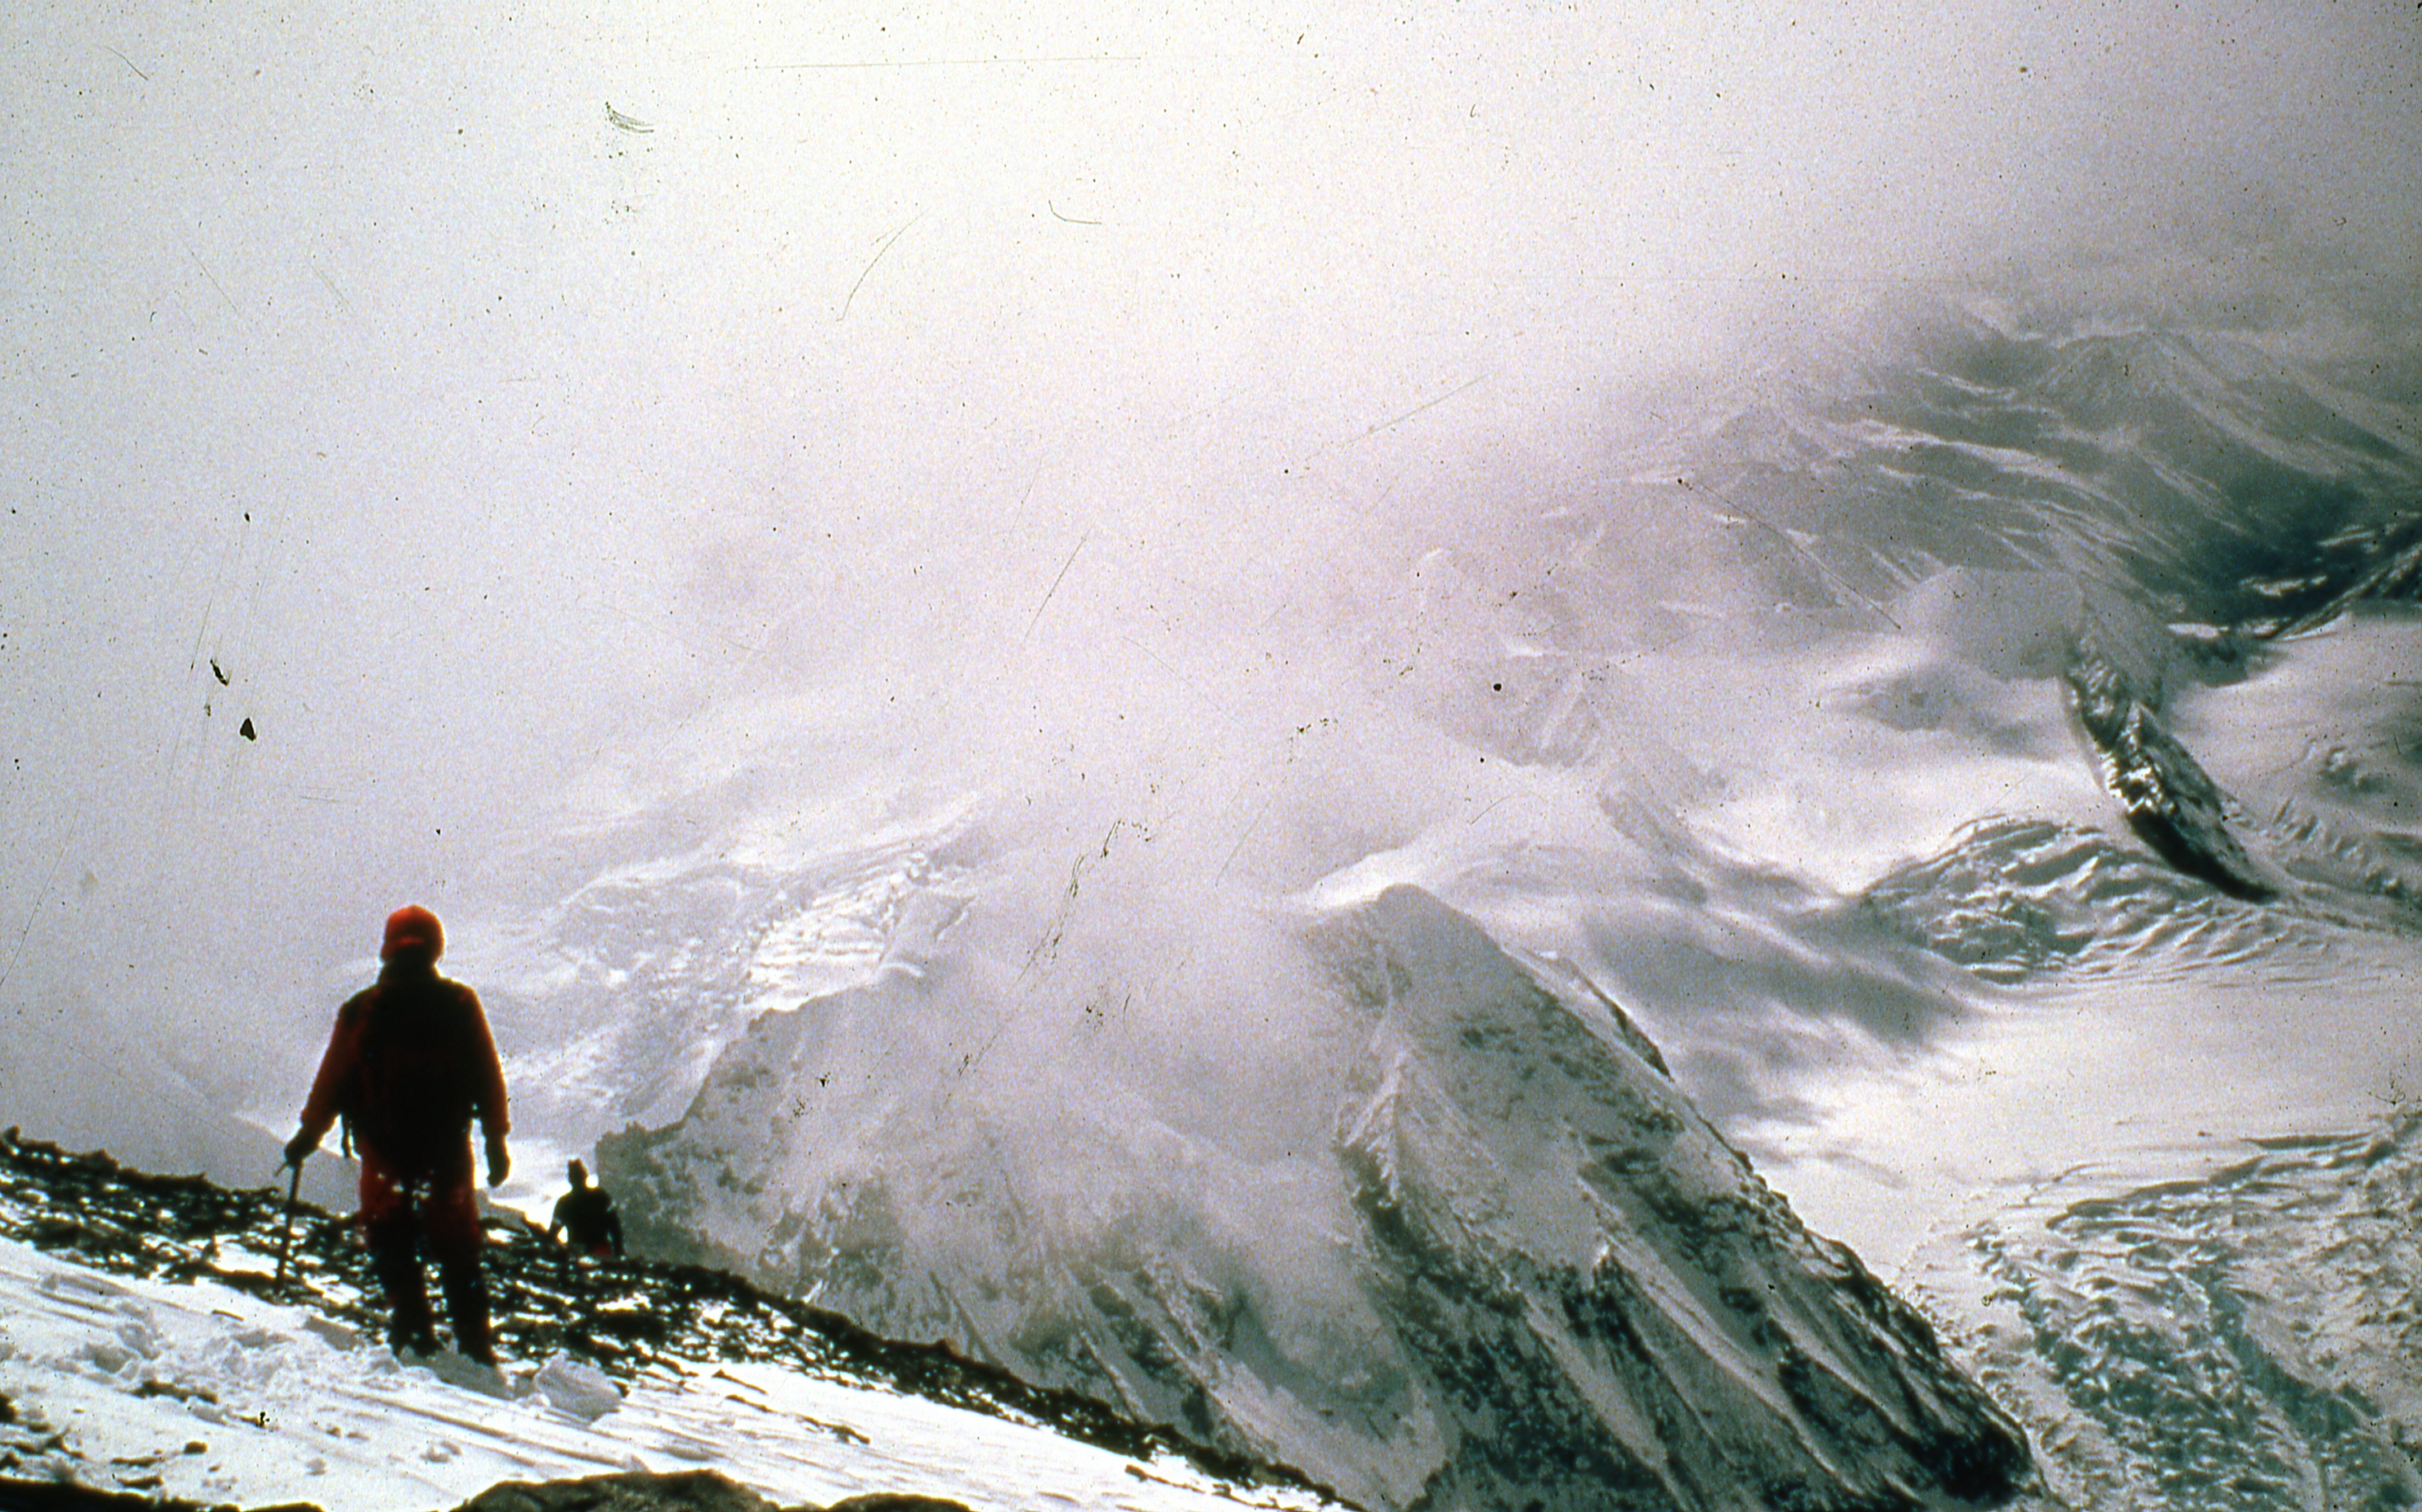 Enterreno - Fotos históricas de chile - fotos antiguas de Chile - Cordillera de Los Andes, 1977